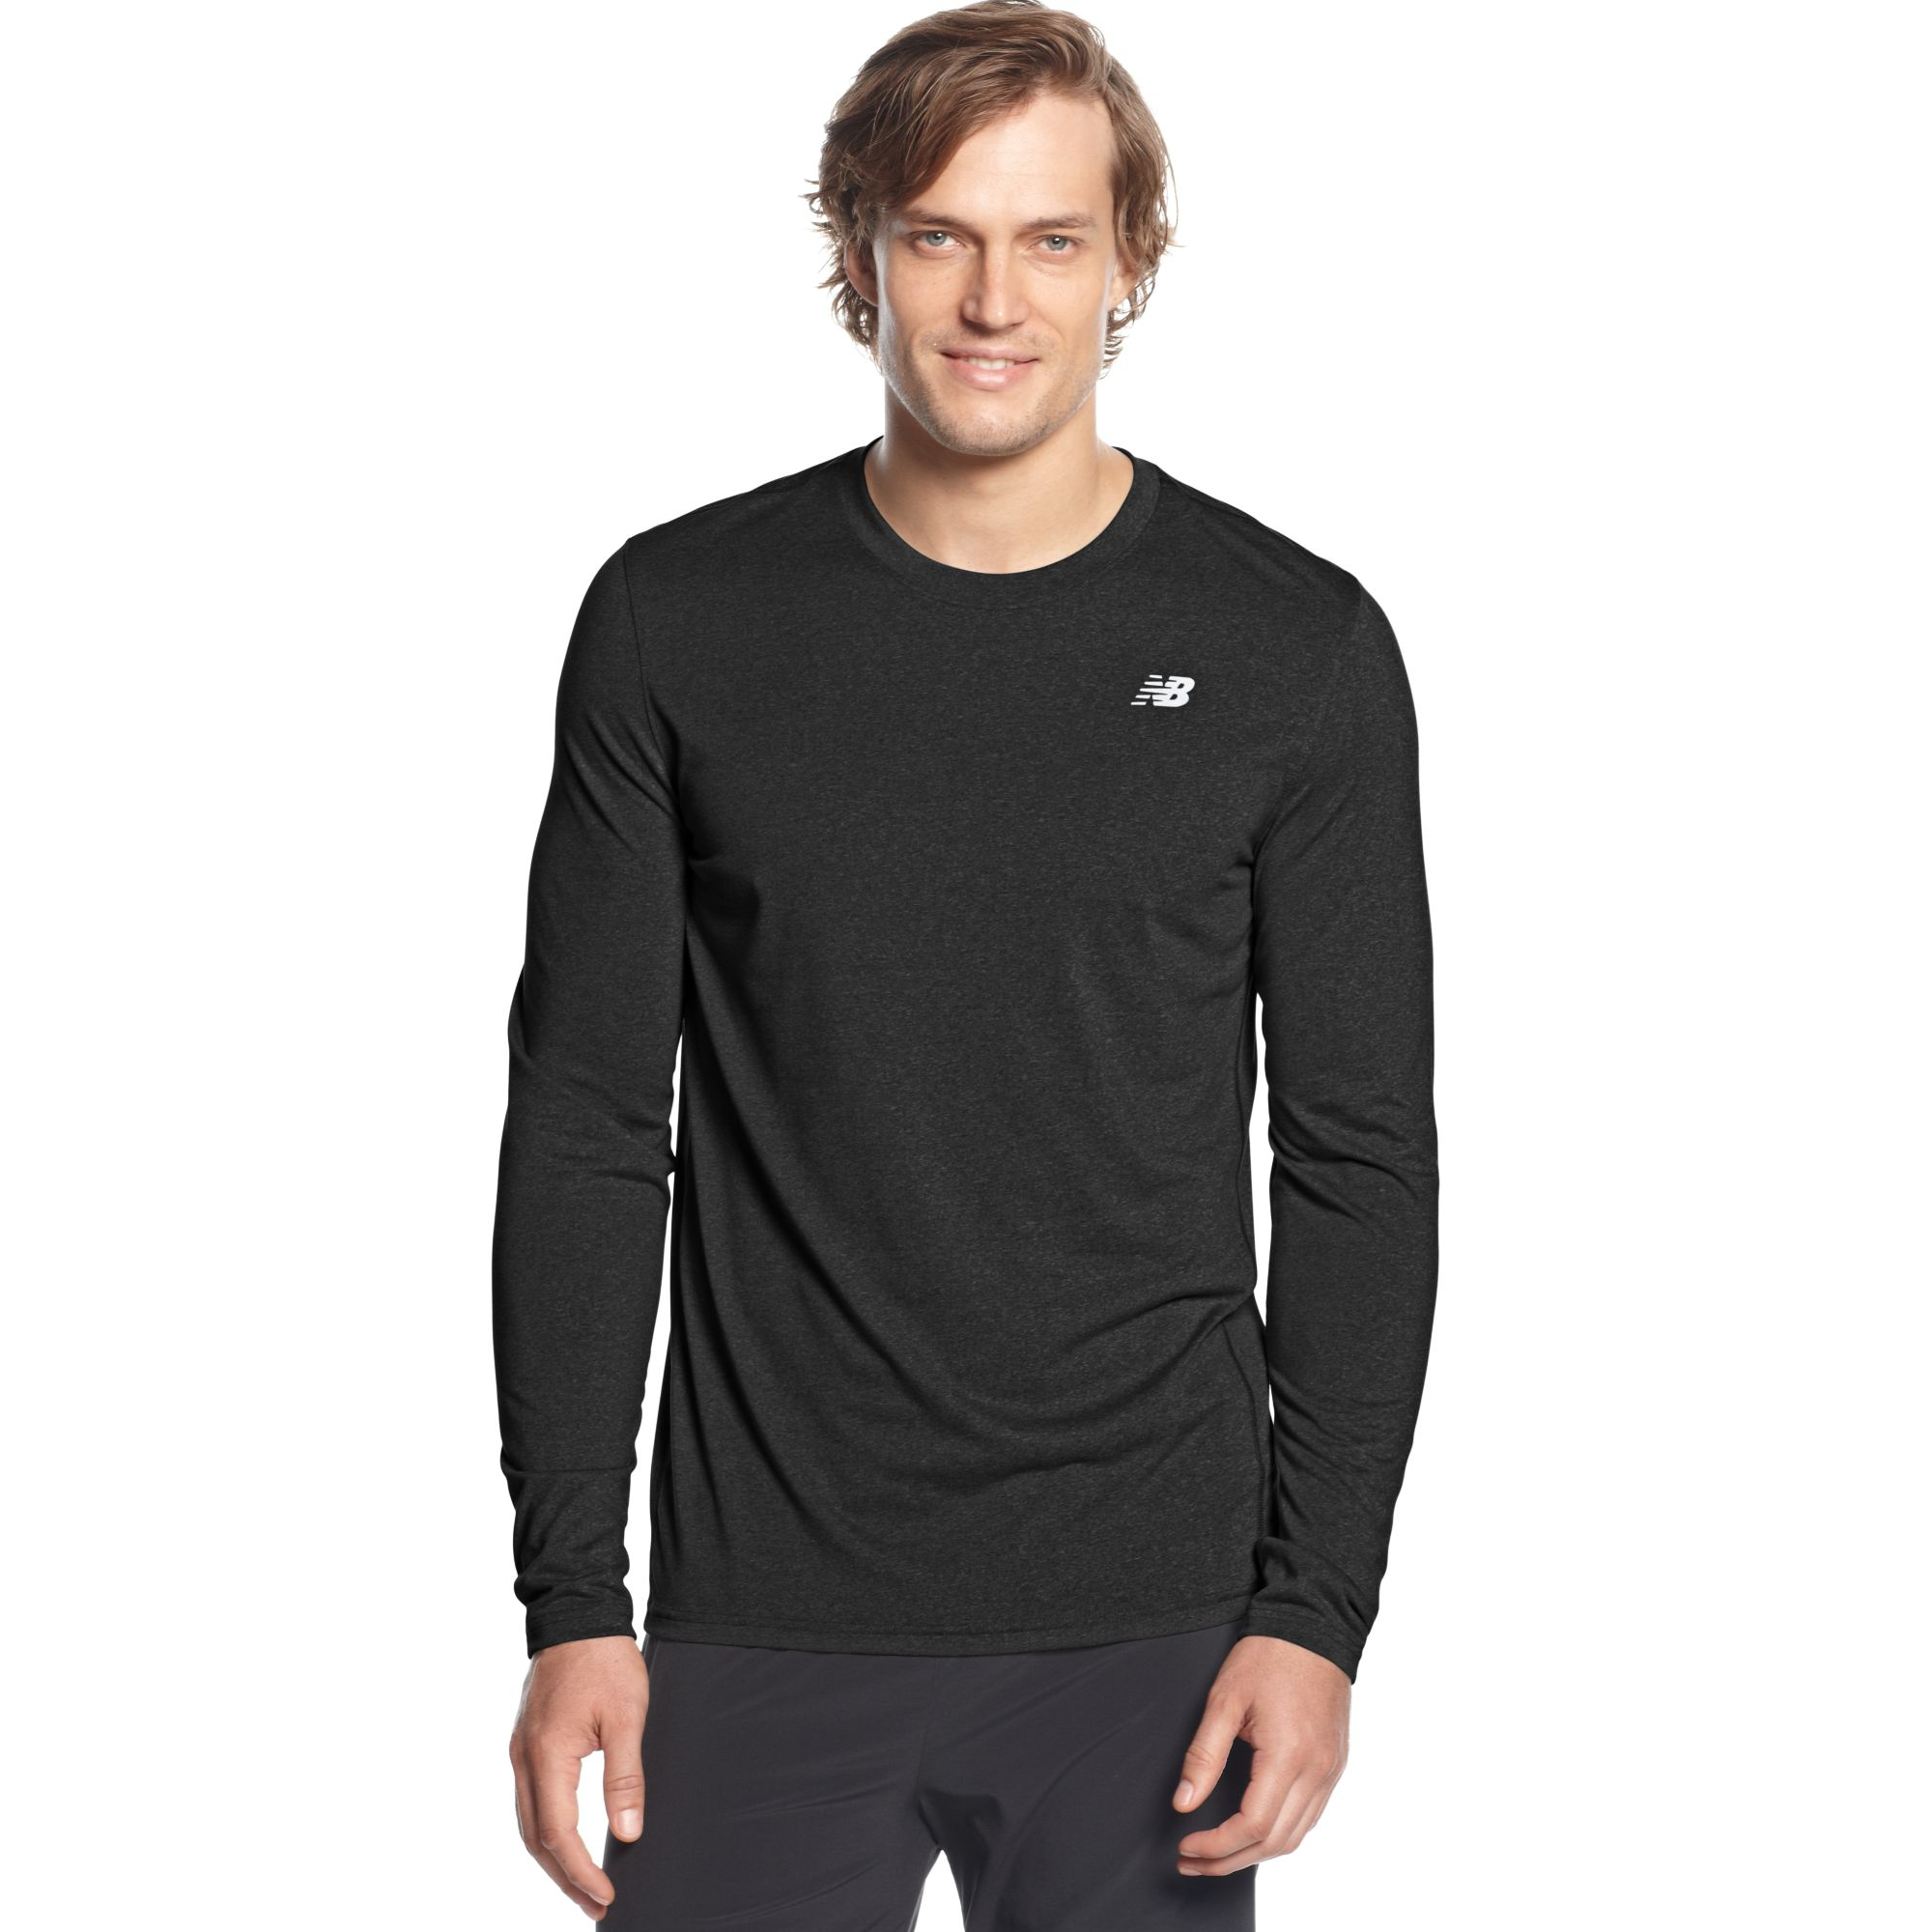 3eju7bsw cheap mens long sleeve new balance tech shirt 39 for Long sleeve technical running shirt